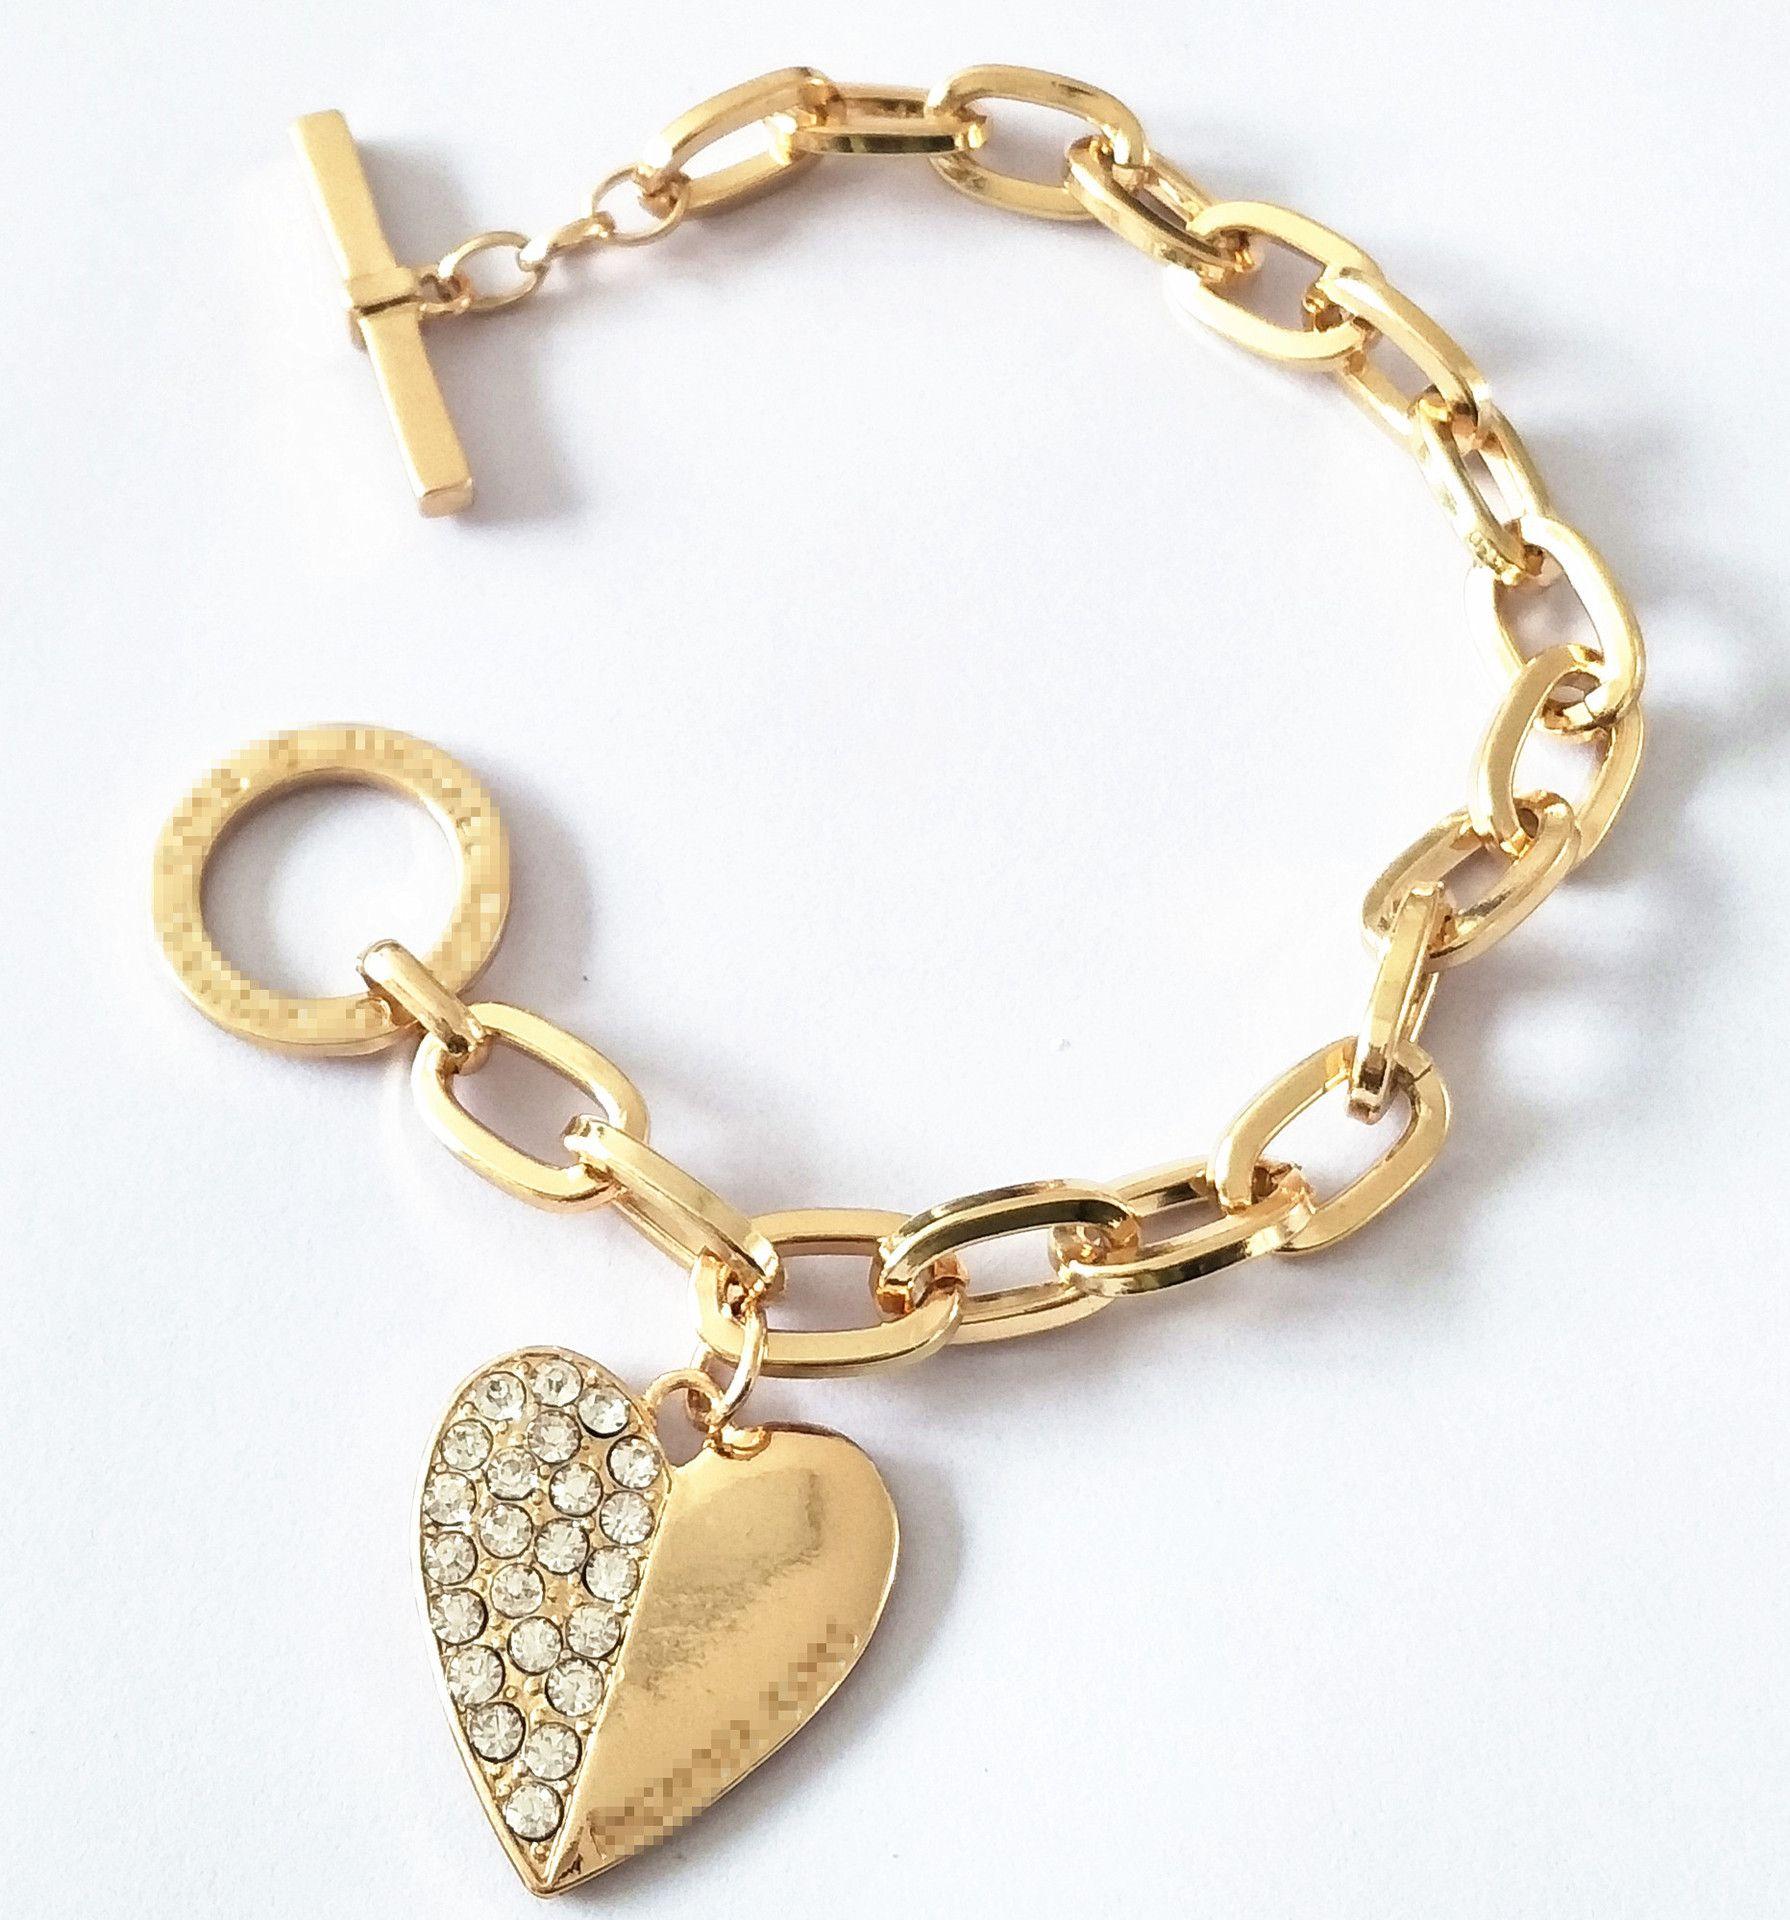 4f08cfcae56d Compre ¡¡¡gran Venta!!! Marca Pulsera De Cadena Pulsera En Forma De Corazón  Colgante Pulseras Oro Plata Rosa Oro Pulseras De Acero ...